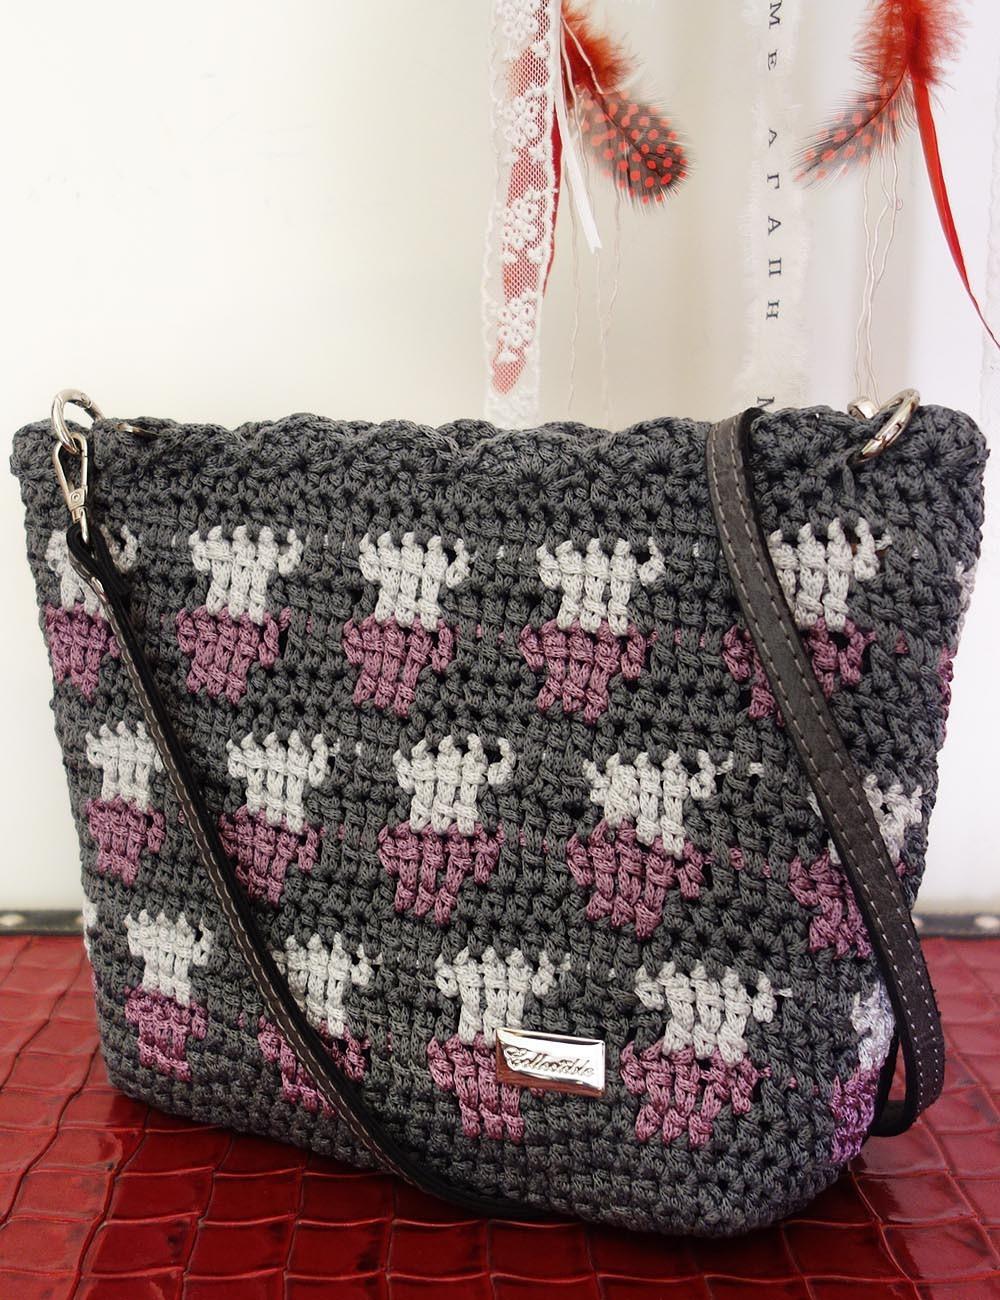 Handmade women's knitted bag